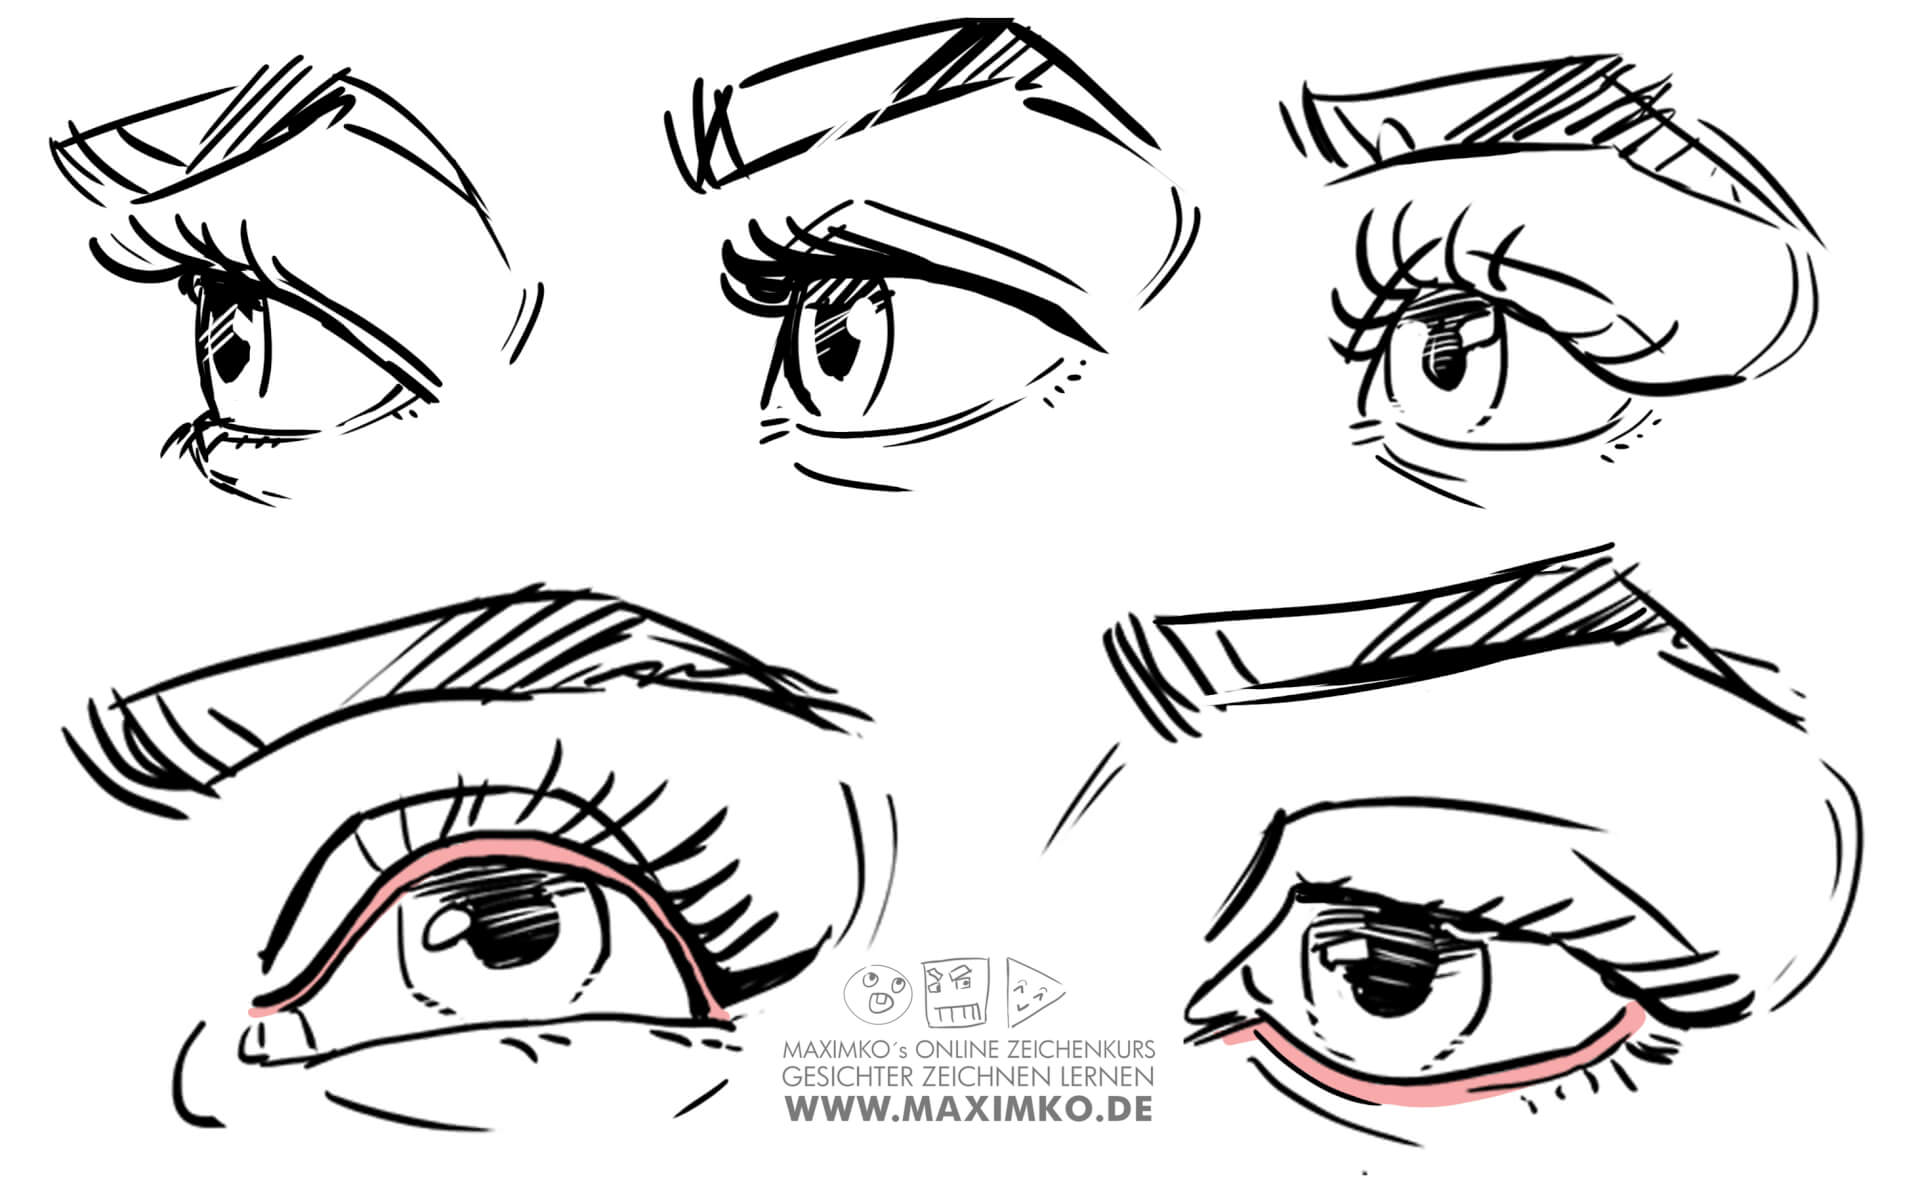 wie zeichnet man augen zeichnen lernen tutorial in perspektive von oben von unten von der seite maximko